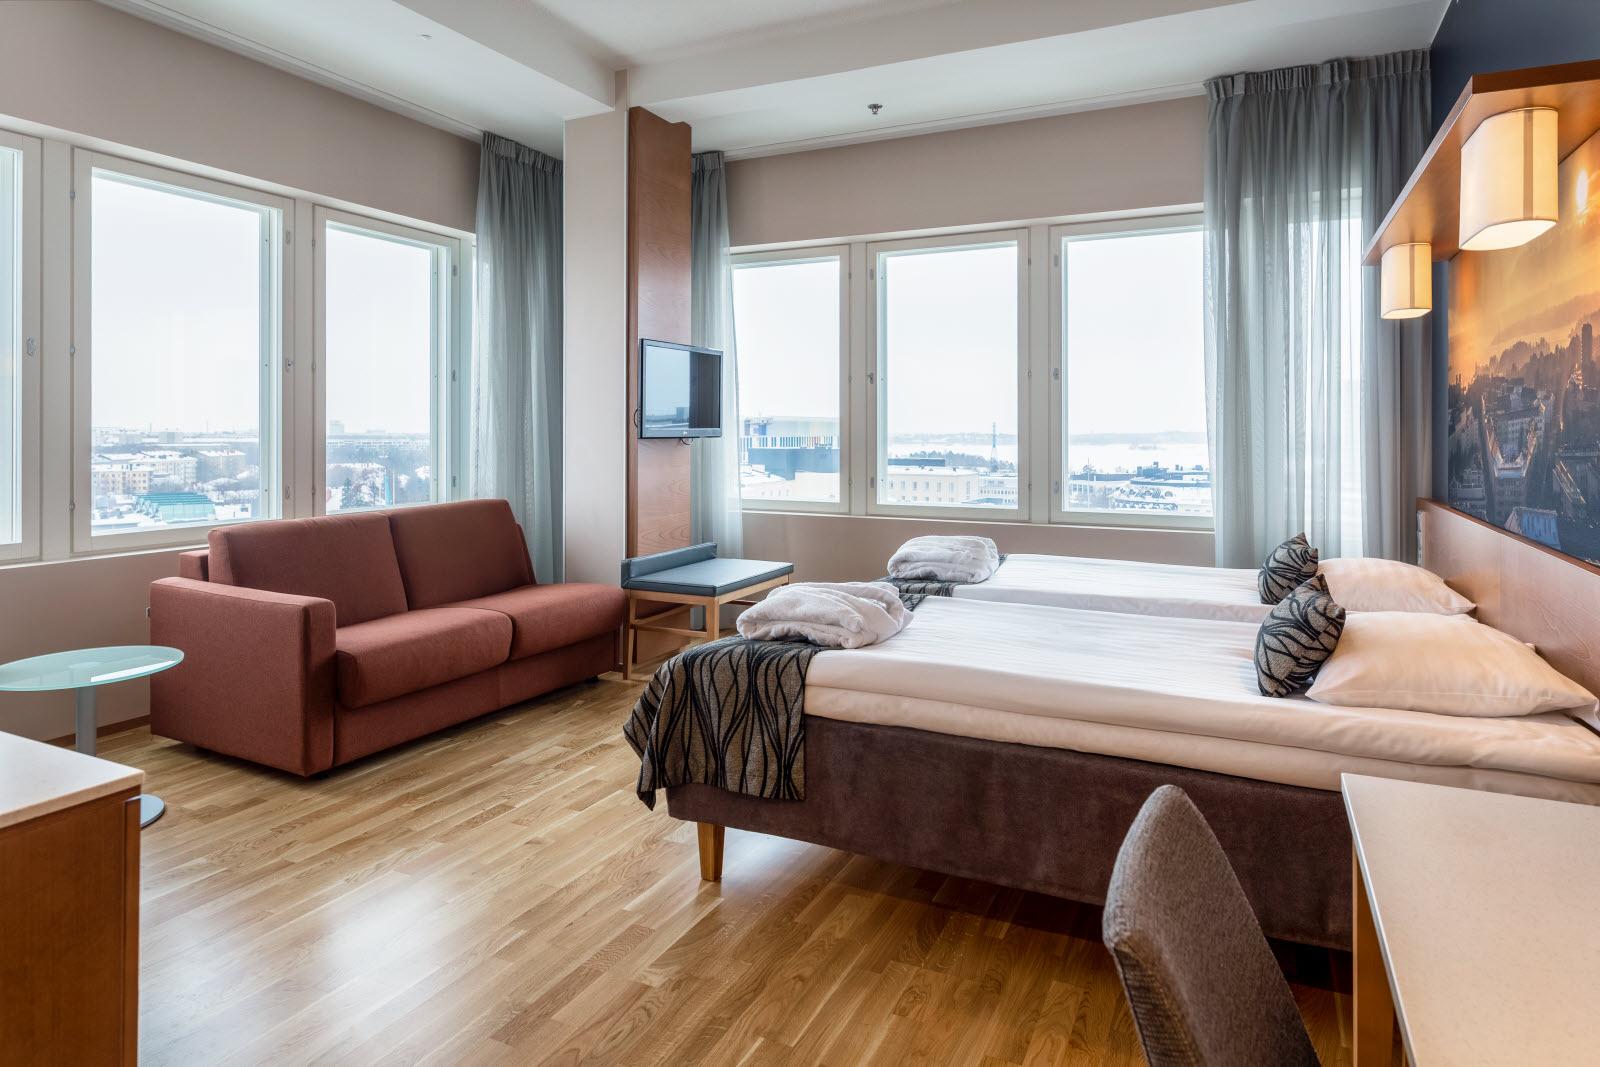 Hotellit Helsinki